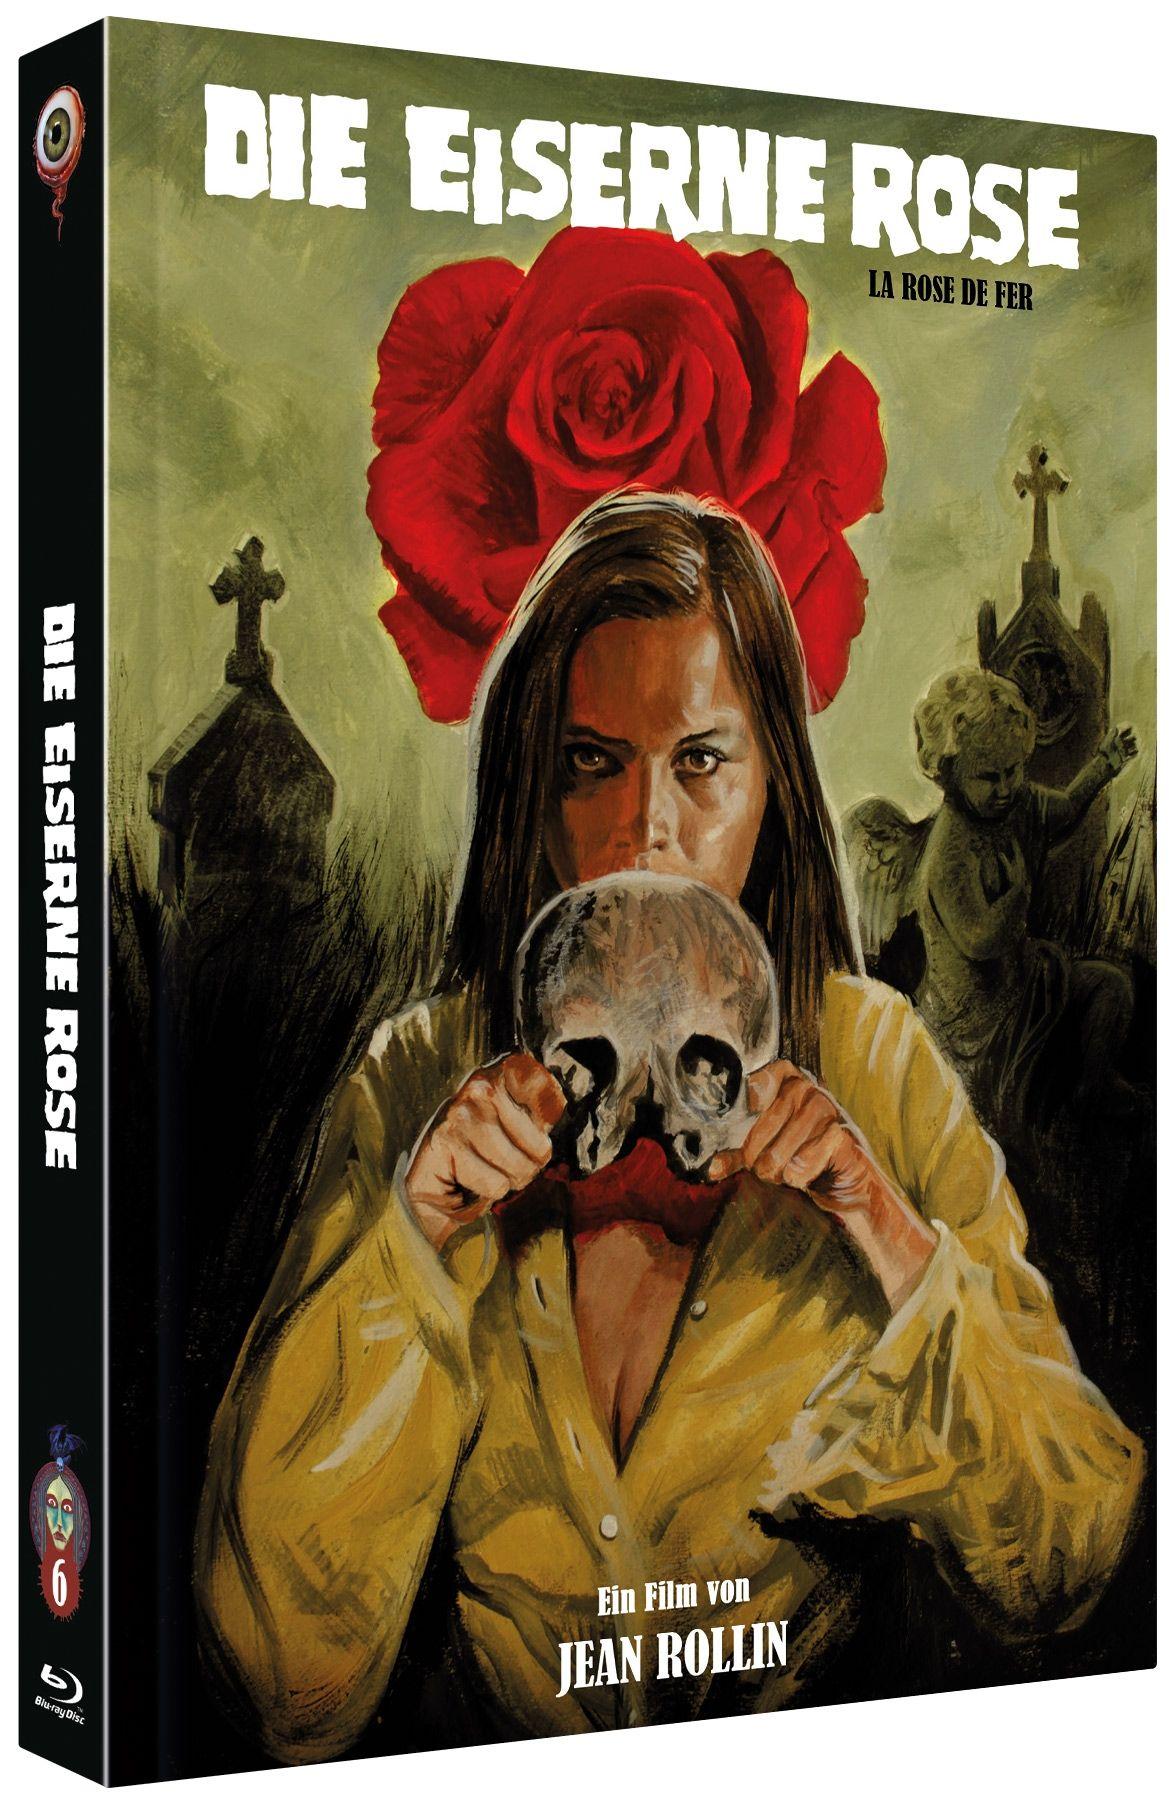 Eiserne Rose, Die (Lim. Uncut Mediabook - Cover C) (DVD + BLURAY)